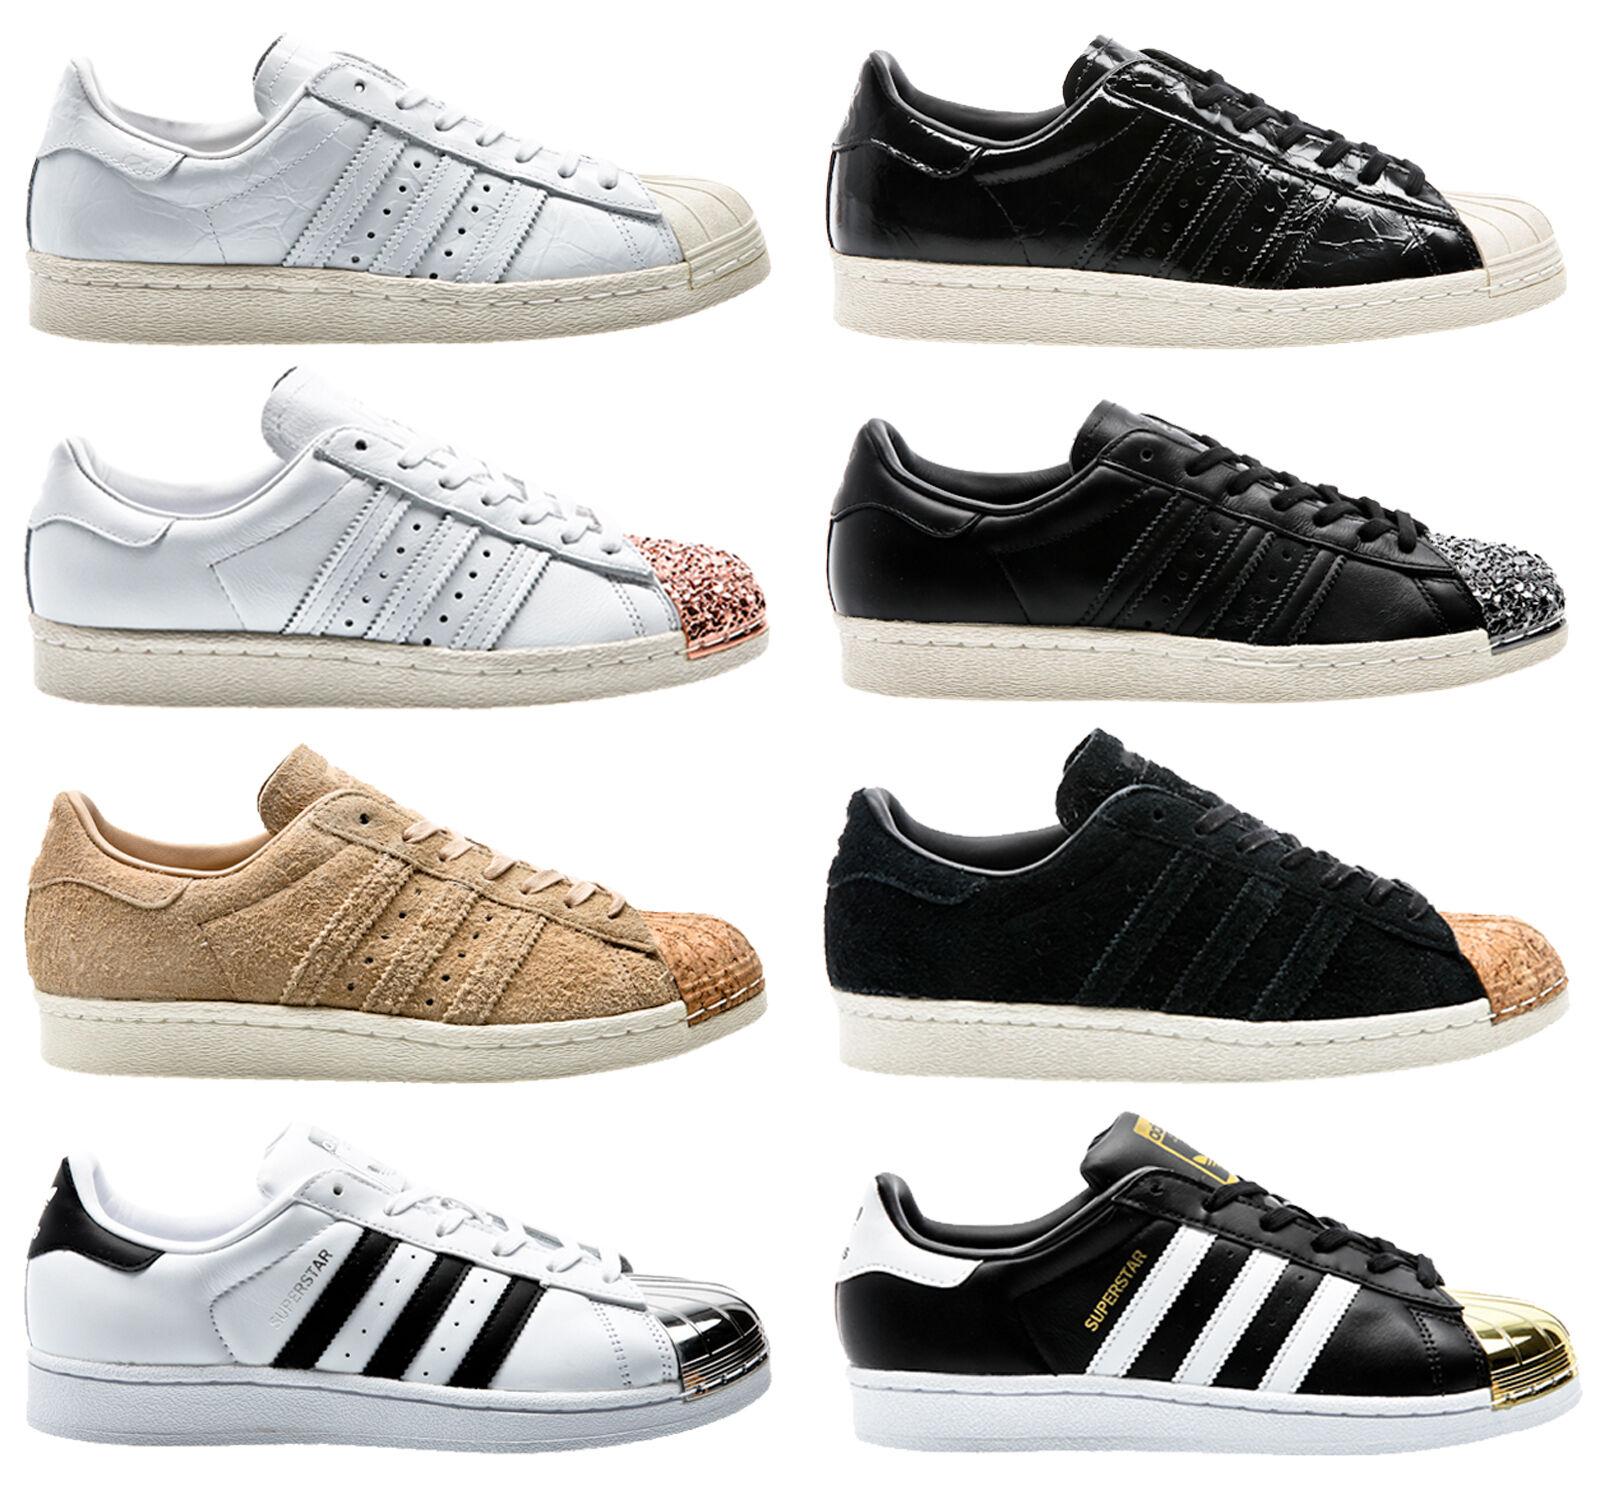 ADIDAS Originals Superstar 80s W 3d MT donna scarpe da ginnastica scarpe donna scarpe